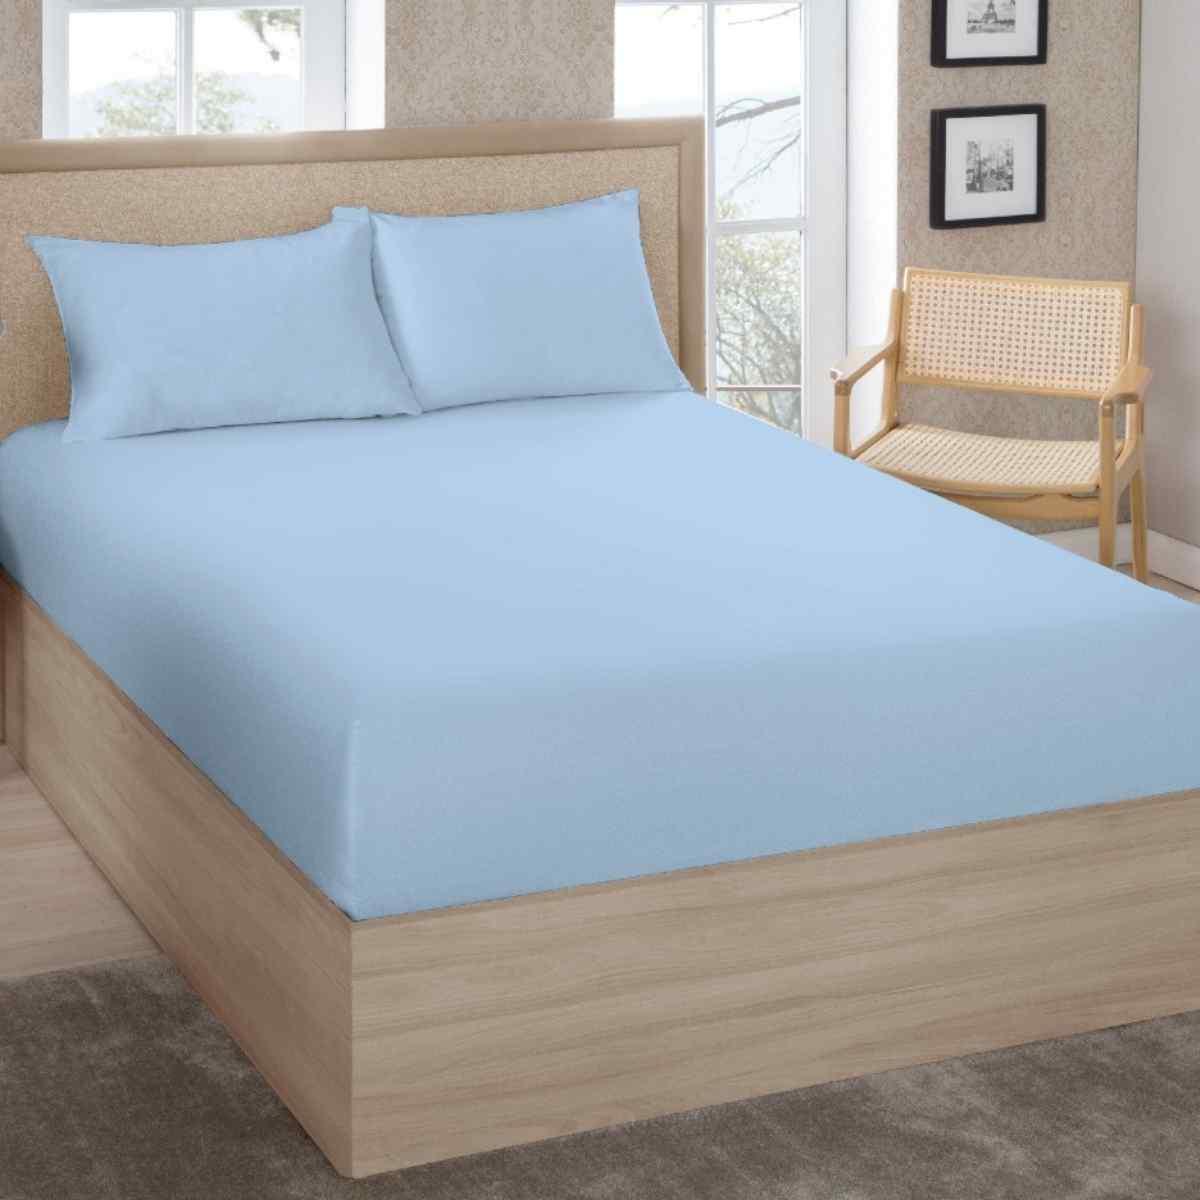 Lençol Premium King 200 Fios 100% Algodão C/Elástico Azul